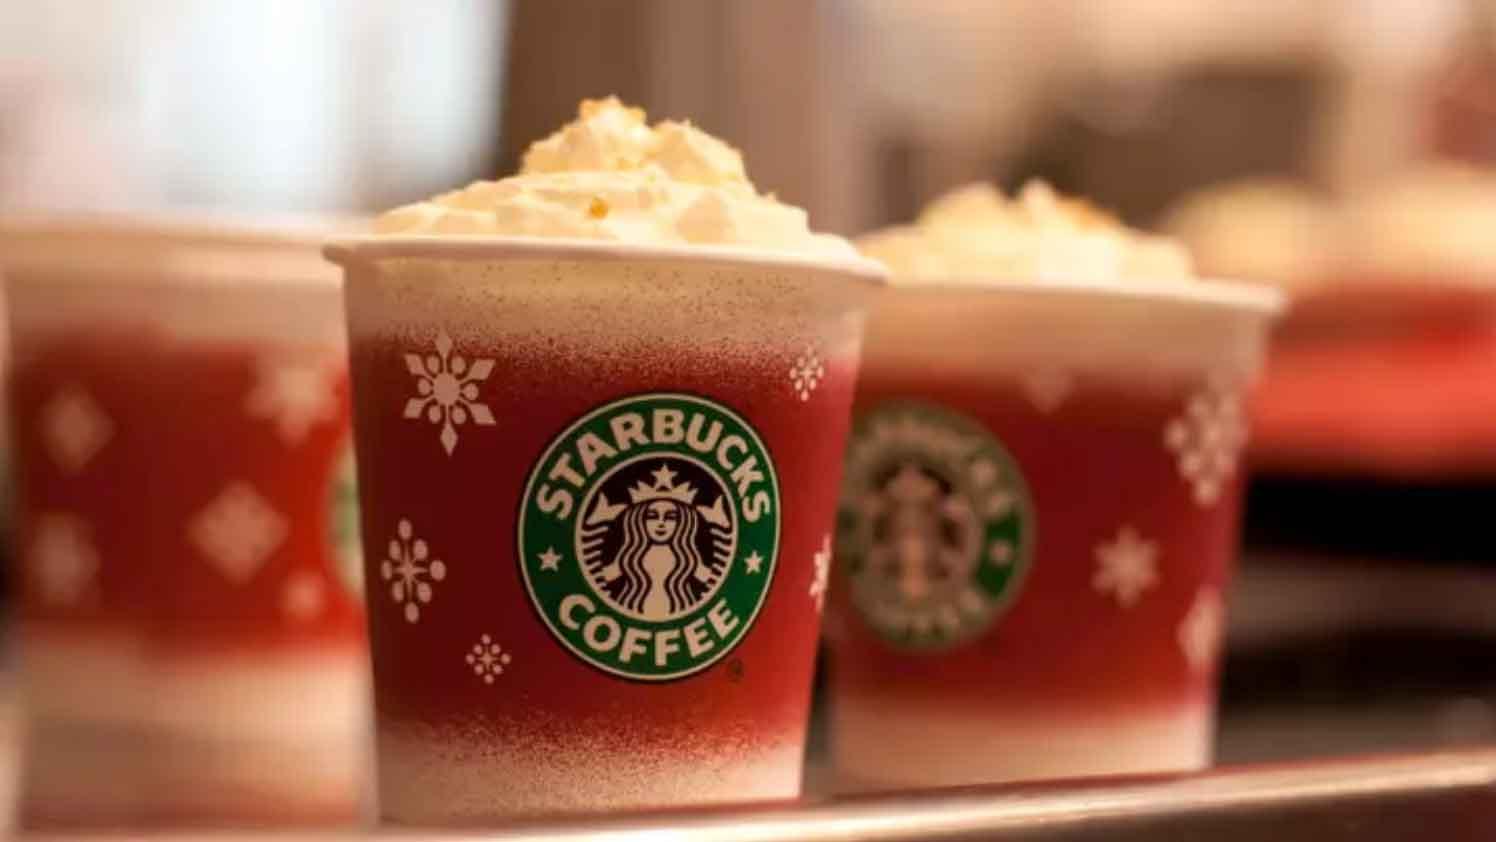 Les délicieuses boissons de Noël de Starbucks contiennent 23 cuillères de sucre: 3 fois plus qu'une canette de Coca